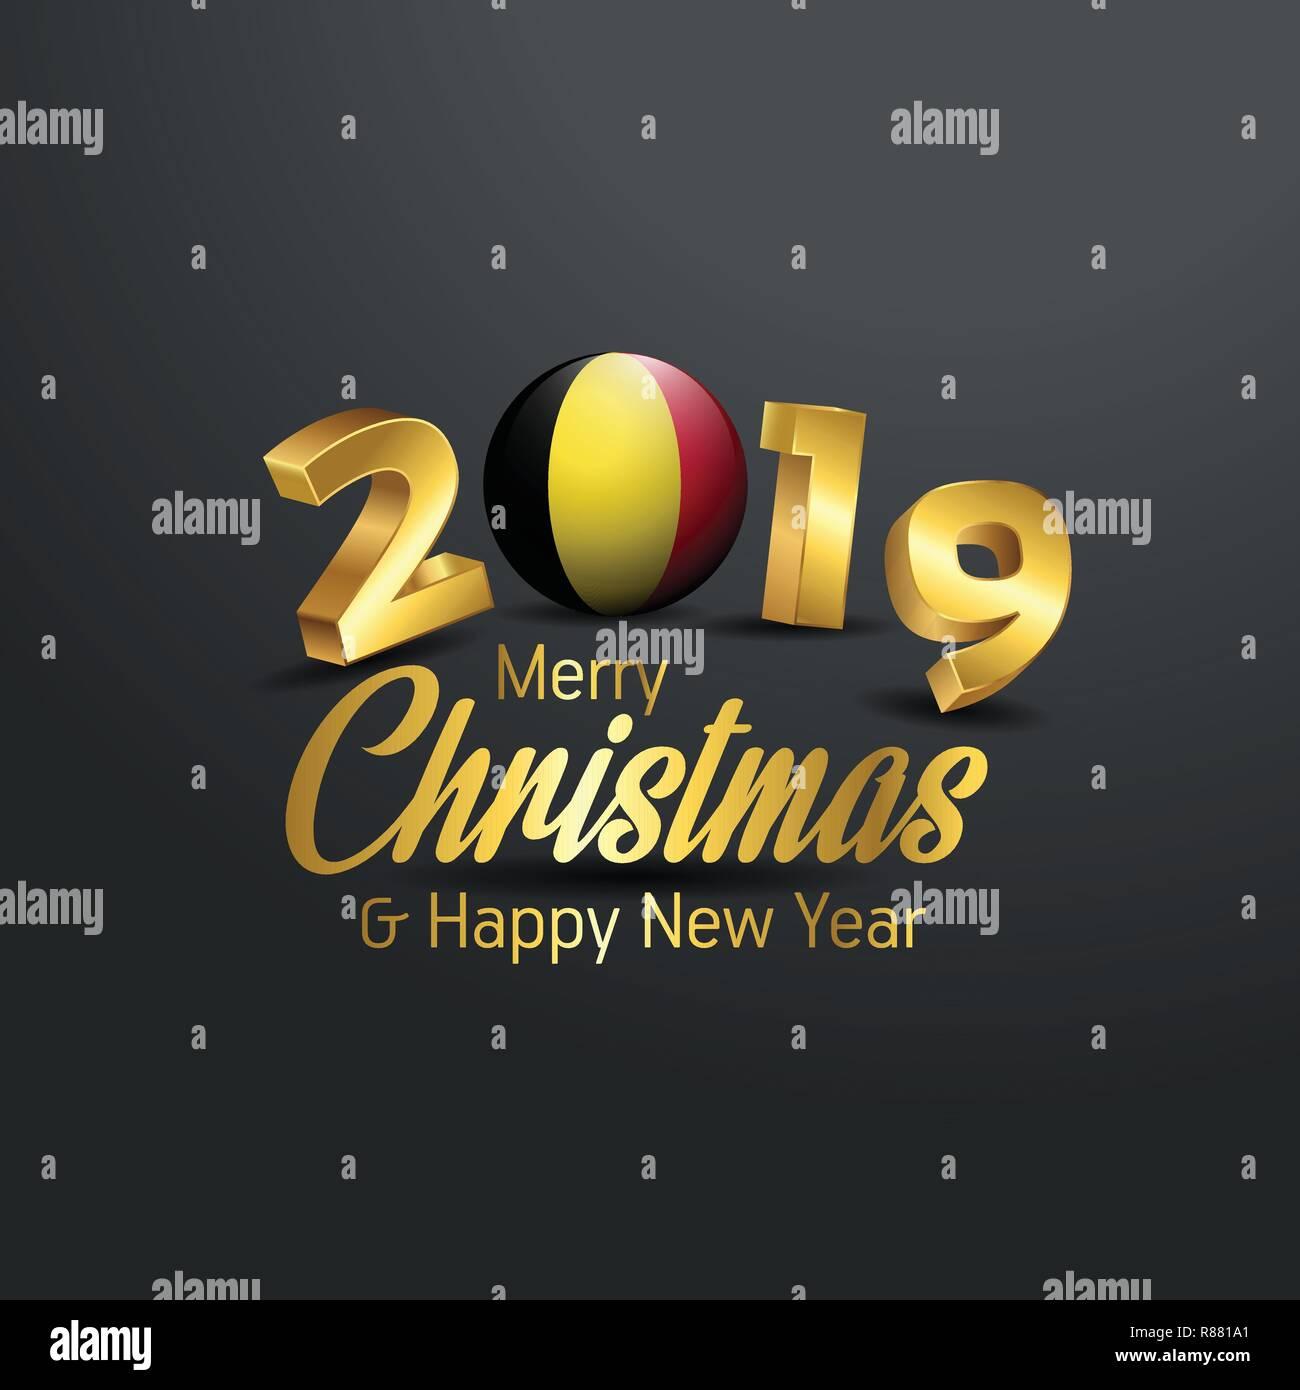 Image De Joyeux Noel 2019.Drapeau Belgique Joyeux Noel 2019 La Typographie Nouvel An